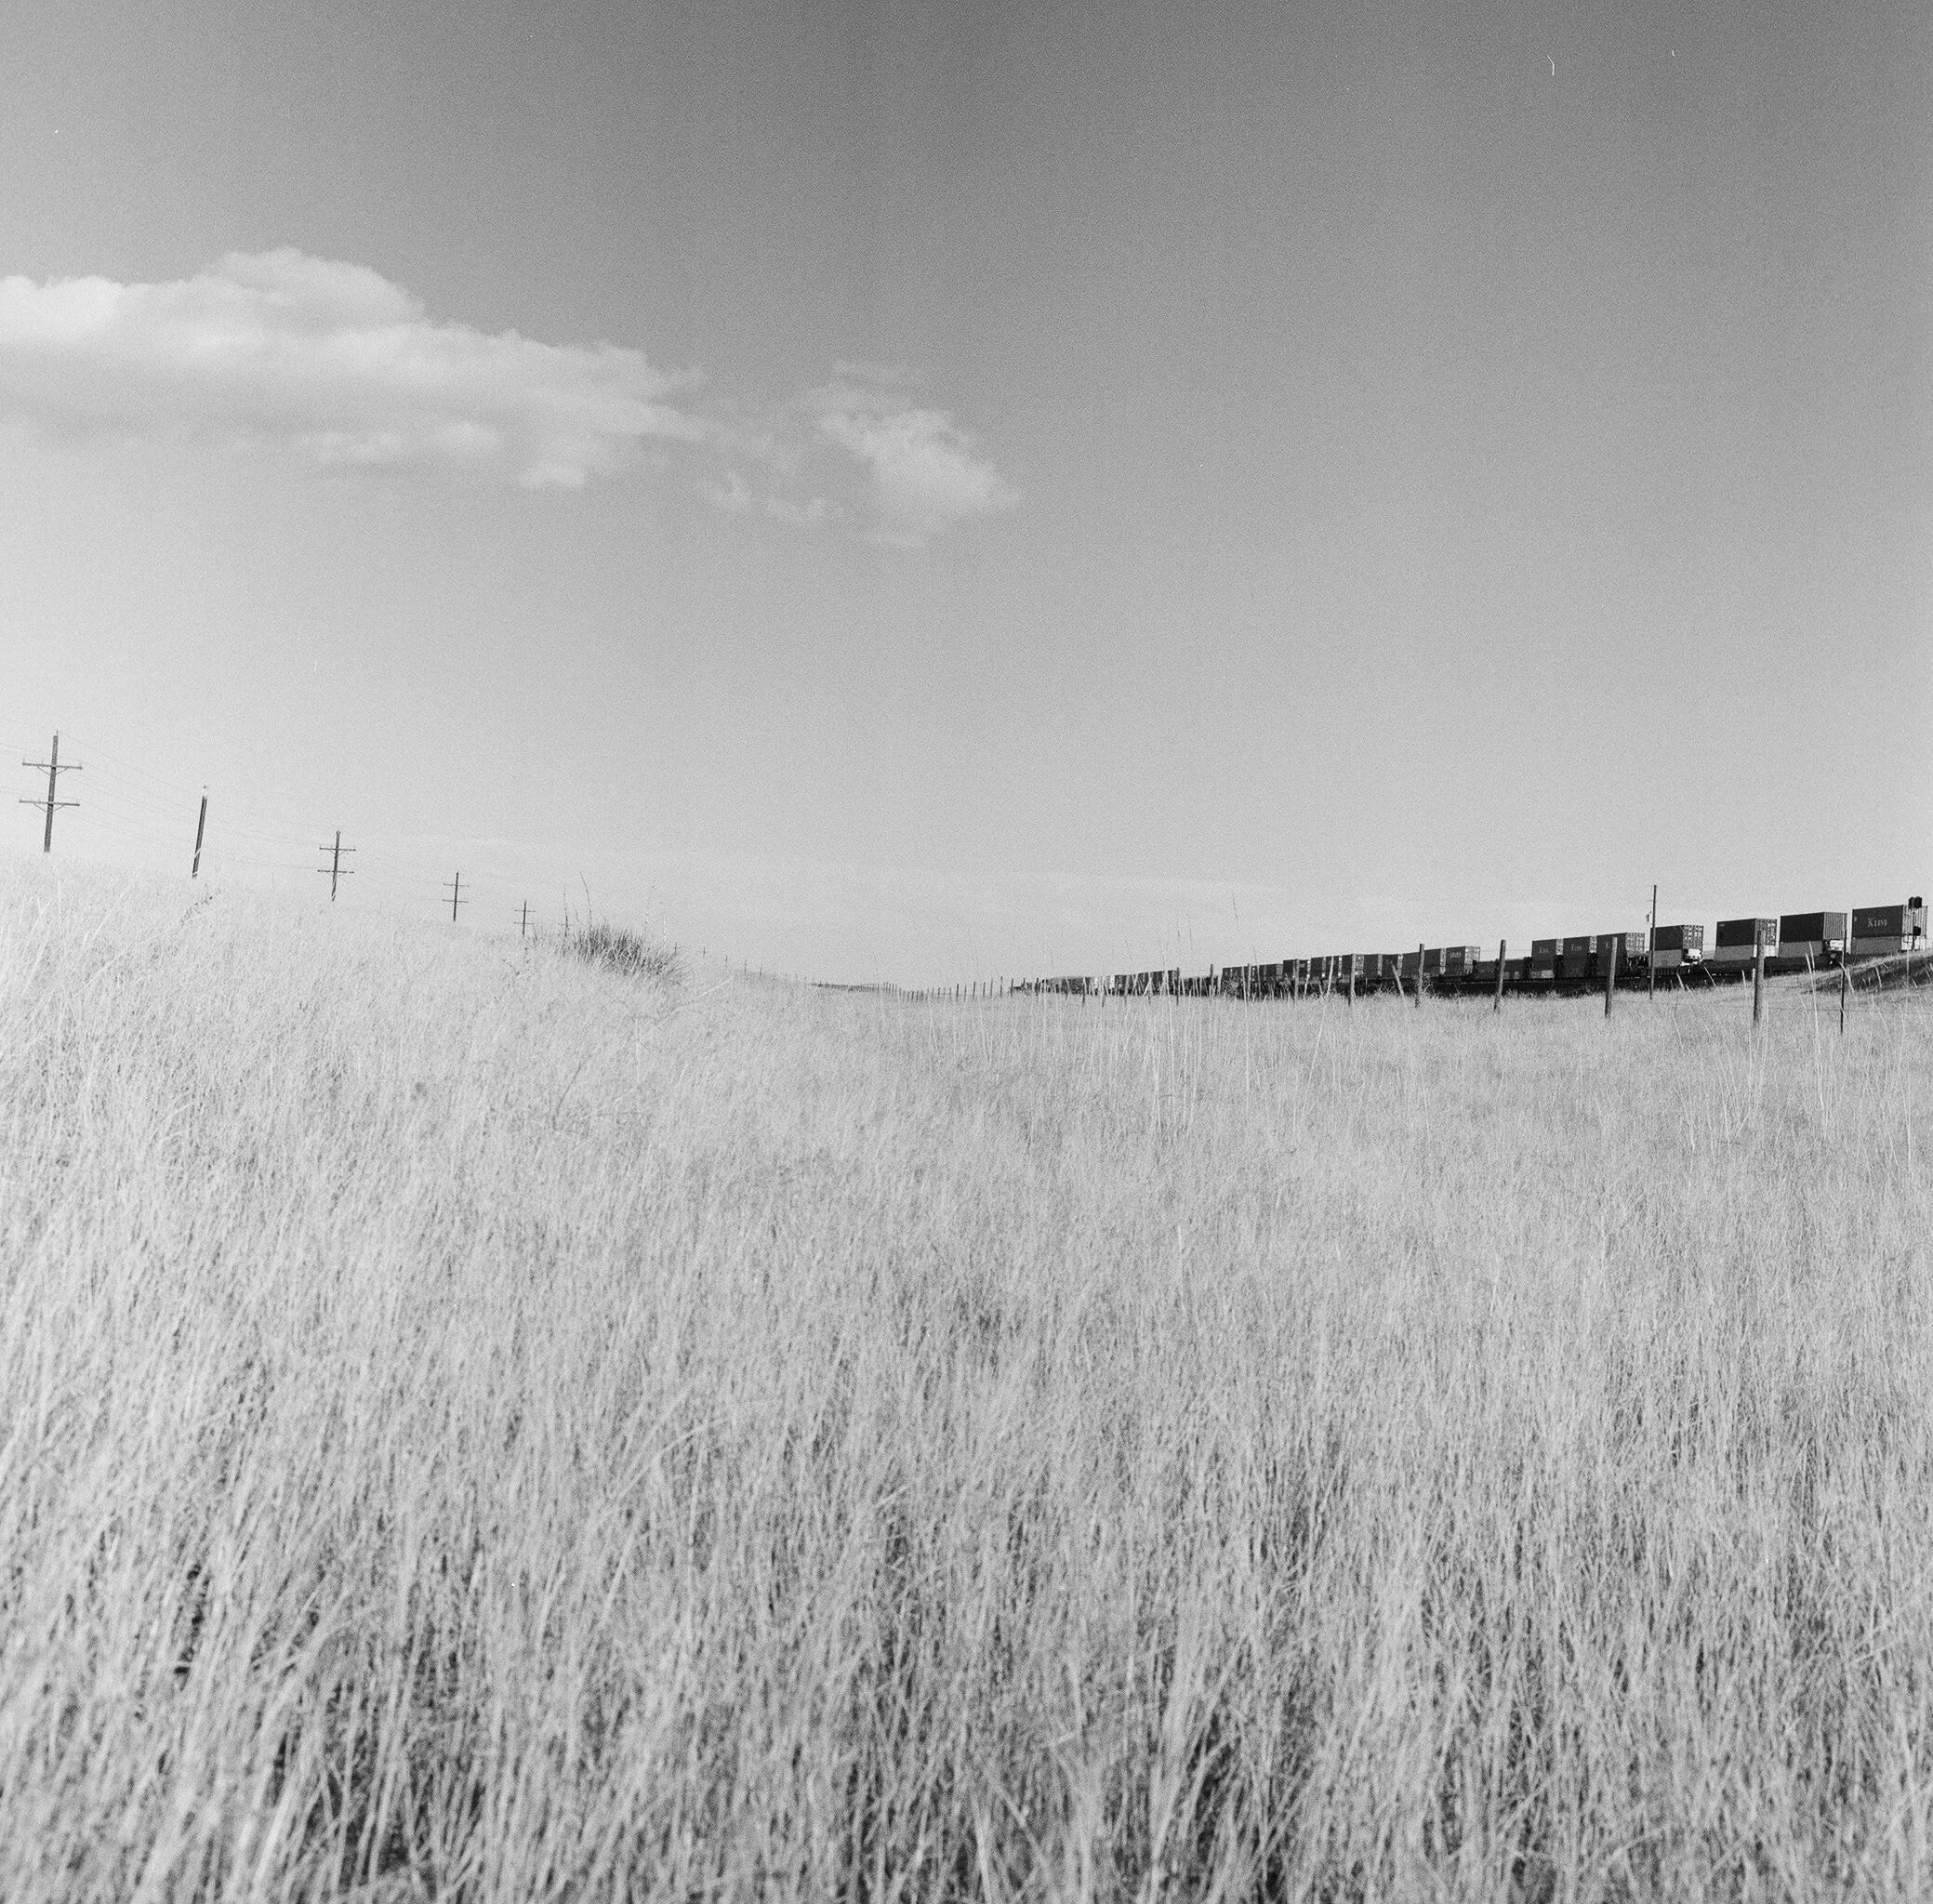 Cheyenne, WY, 10/25/16 ©Sarah Windels